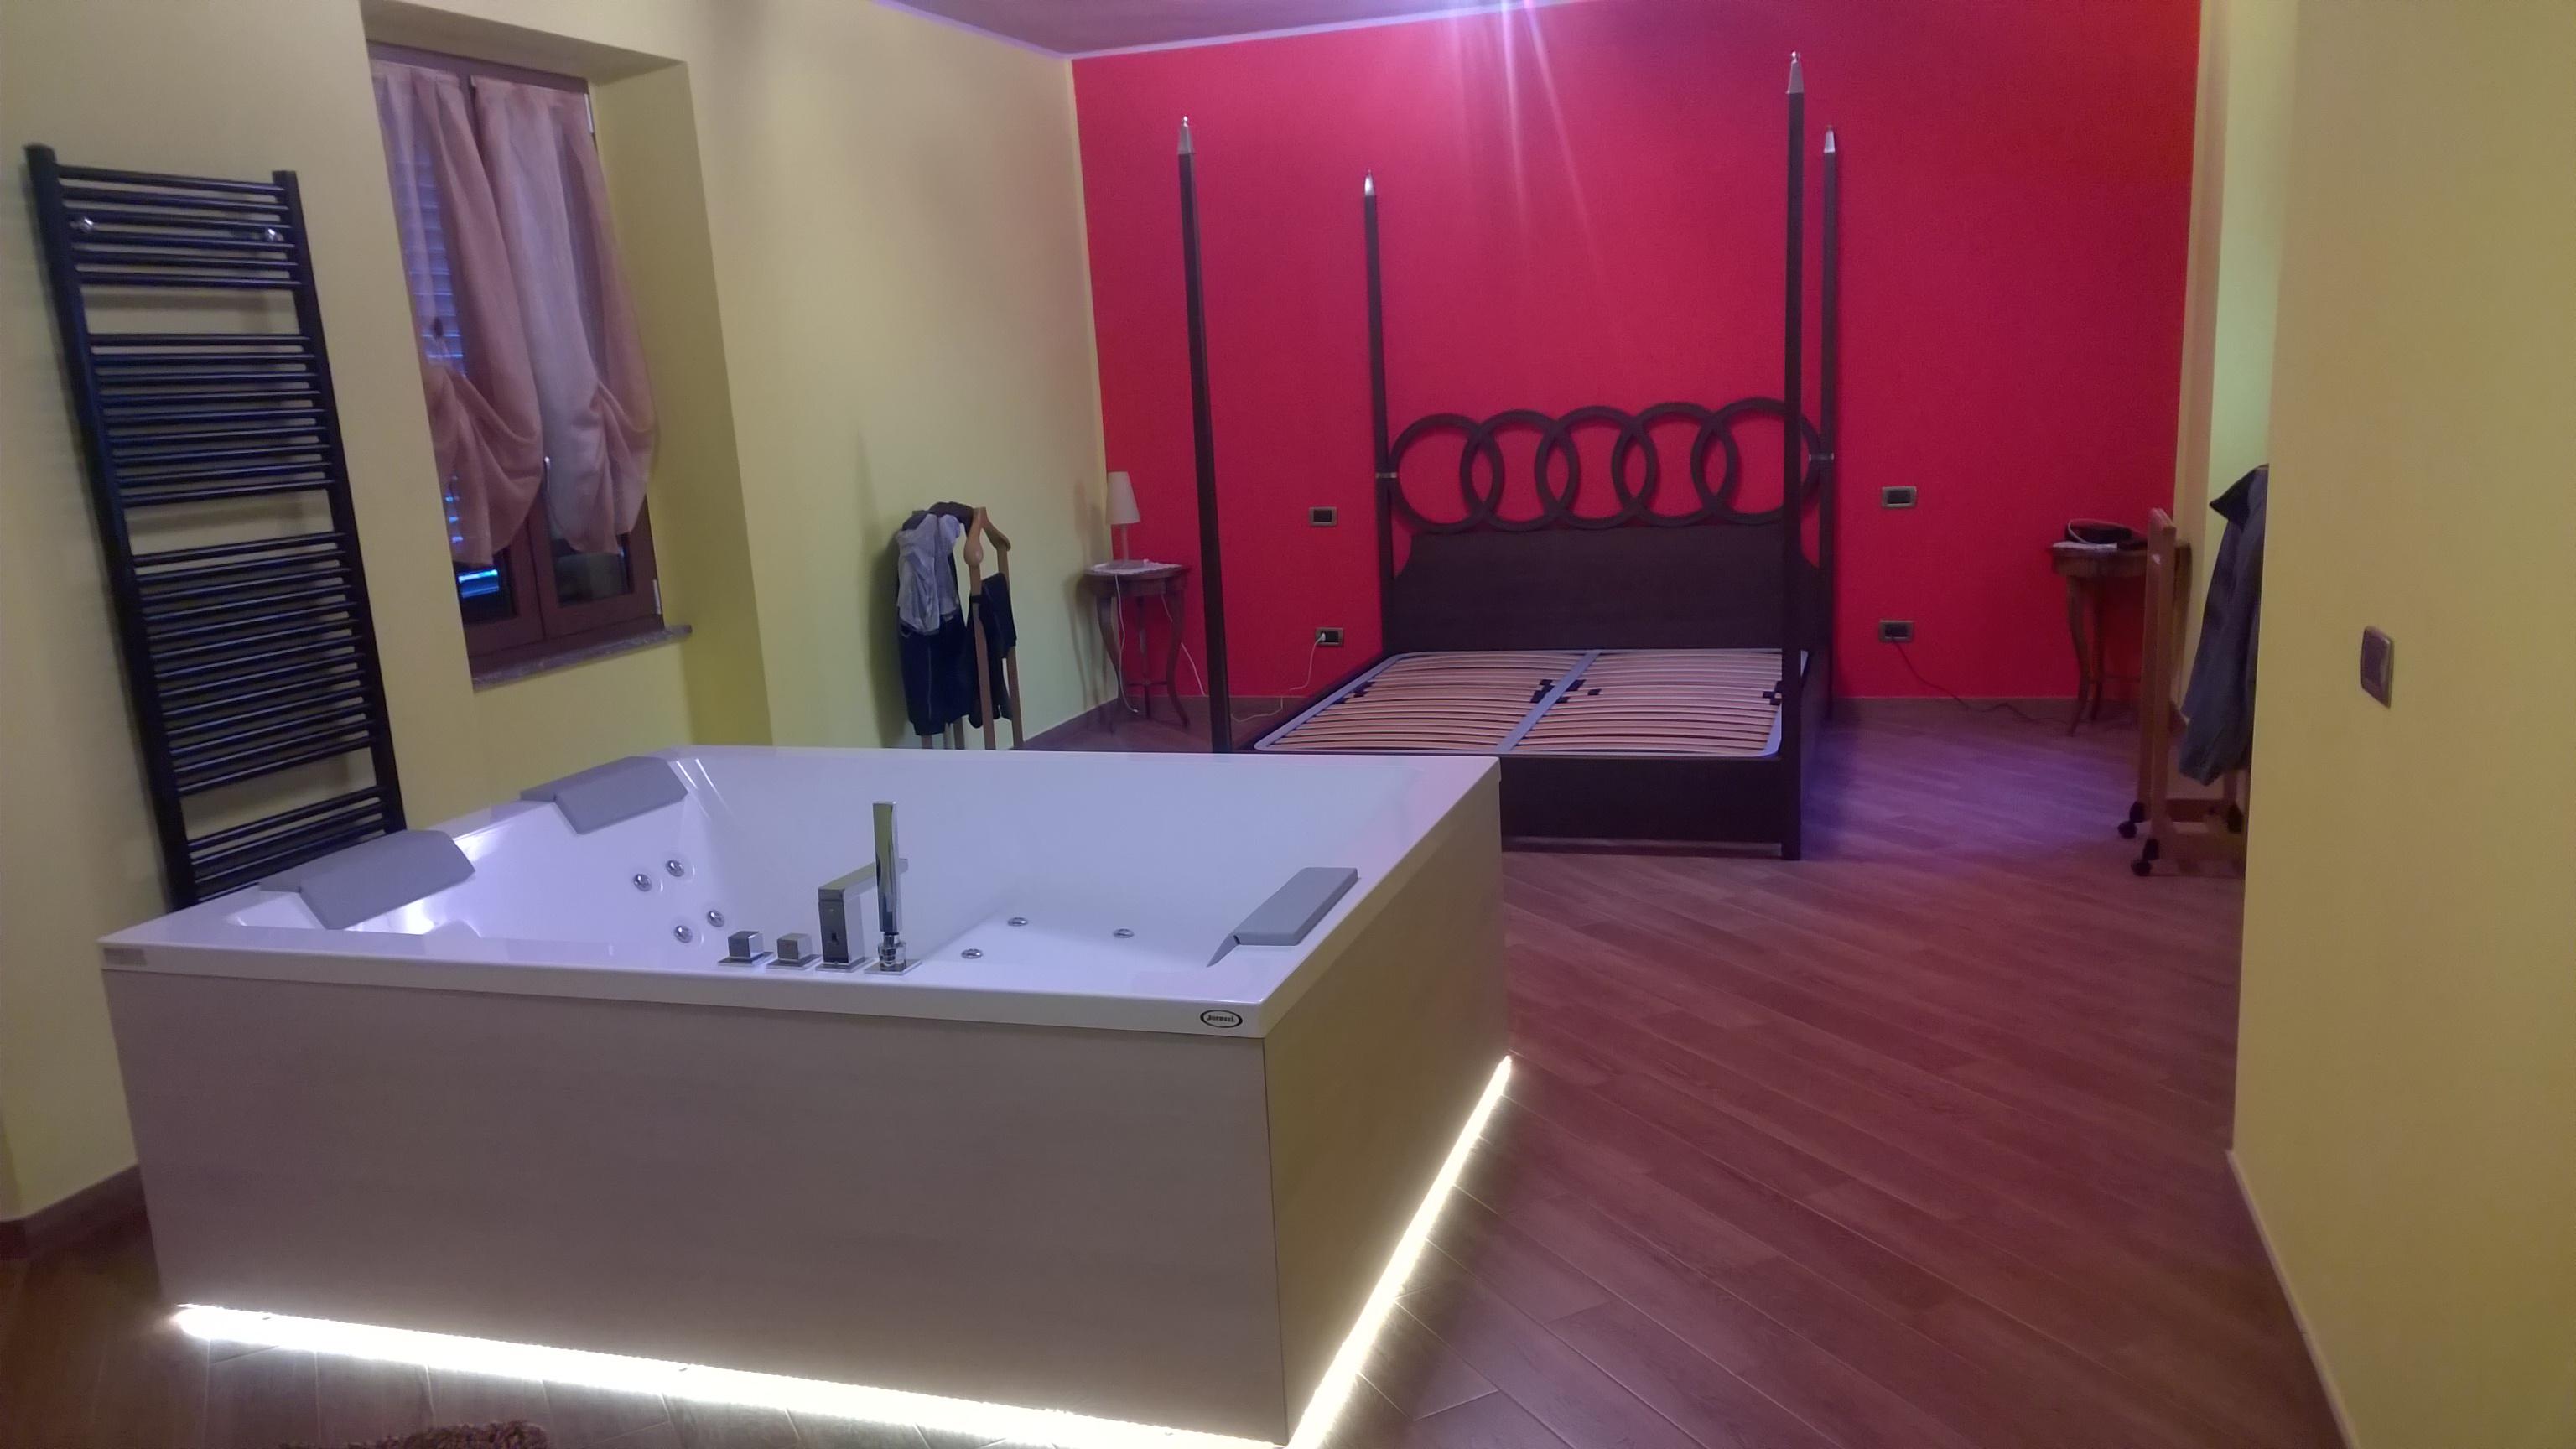 Camere da letto falegnameria 4a di alesi giuseppe for Piantina di 8 camere da letto